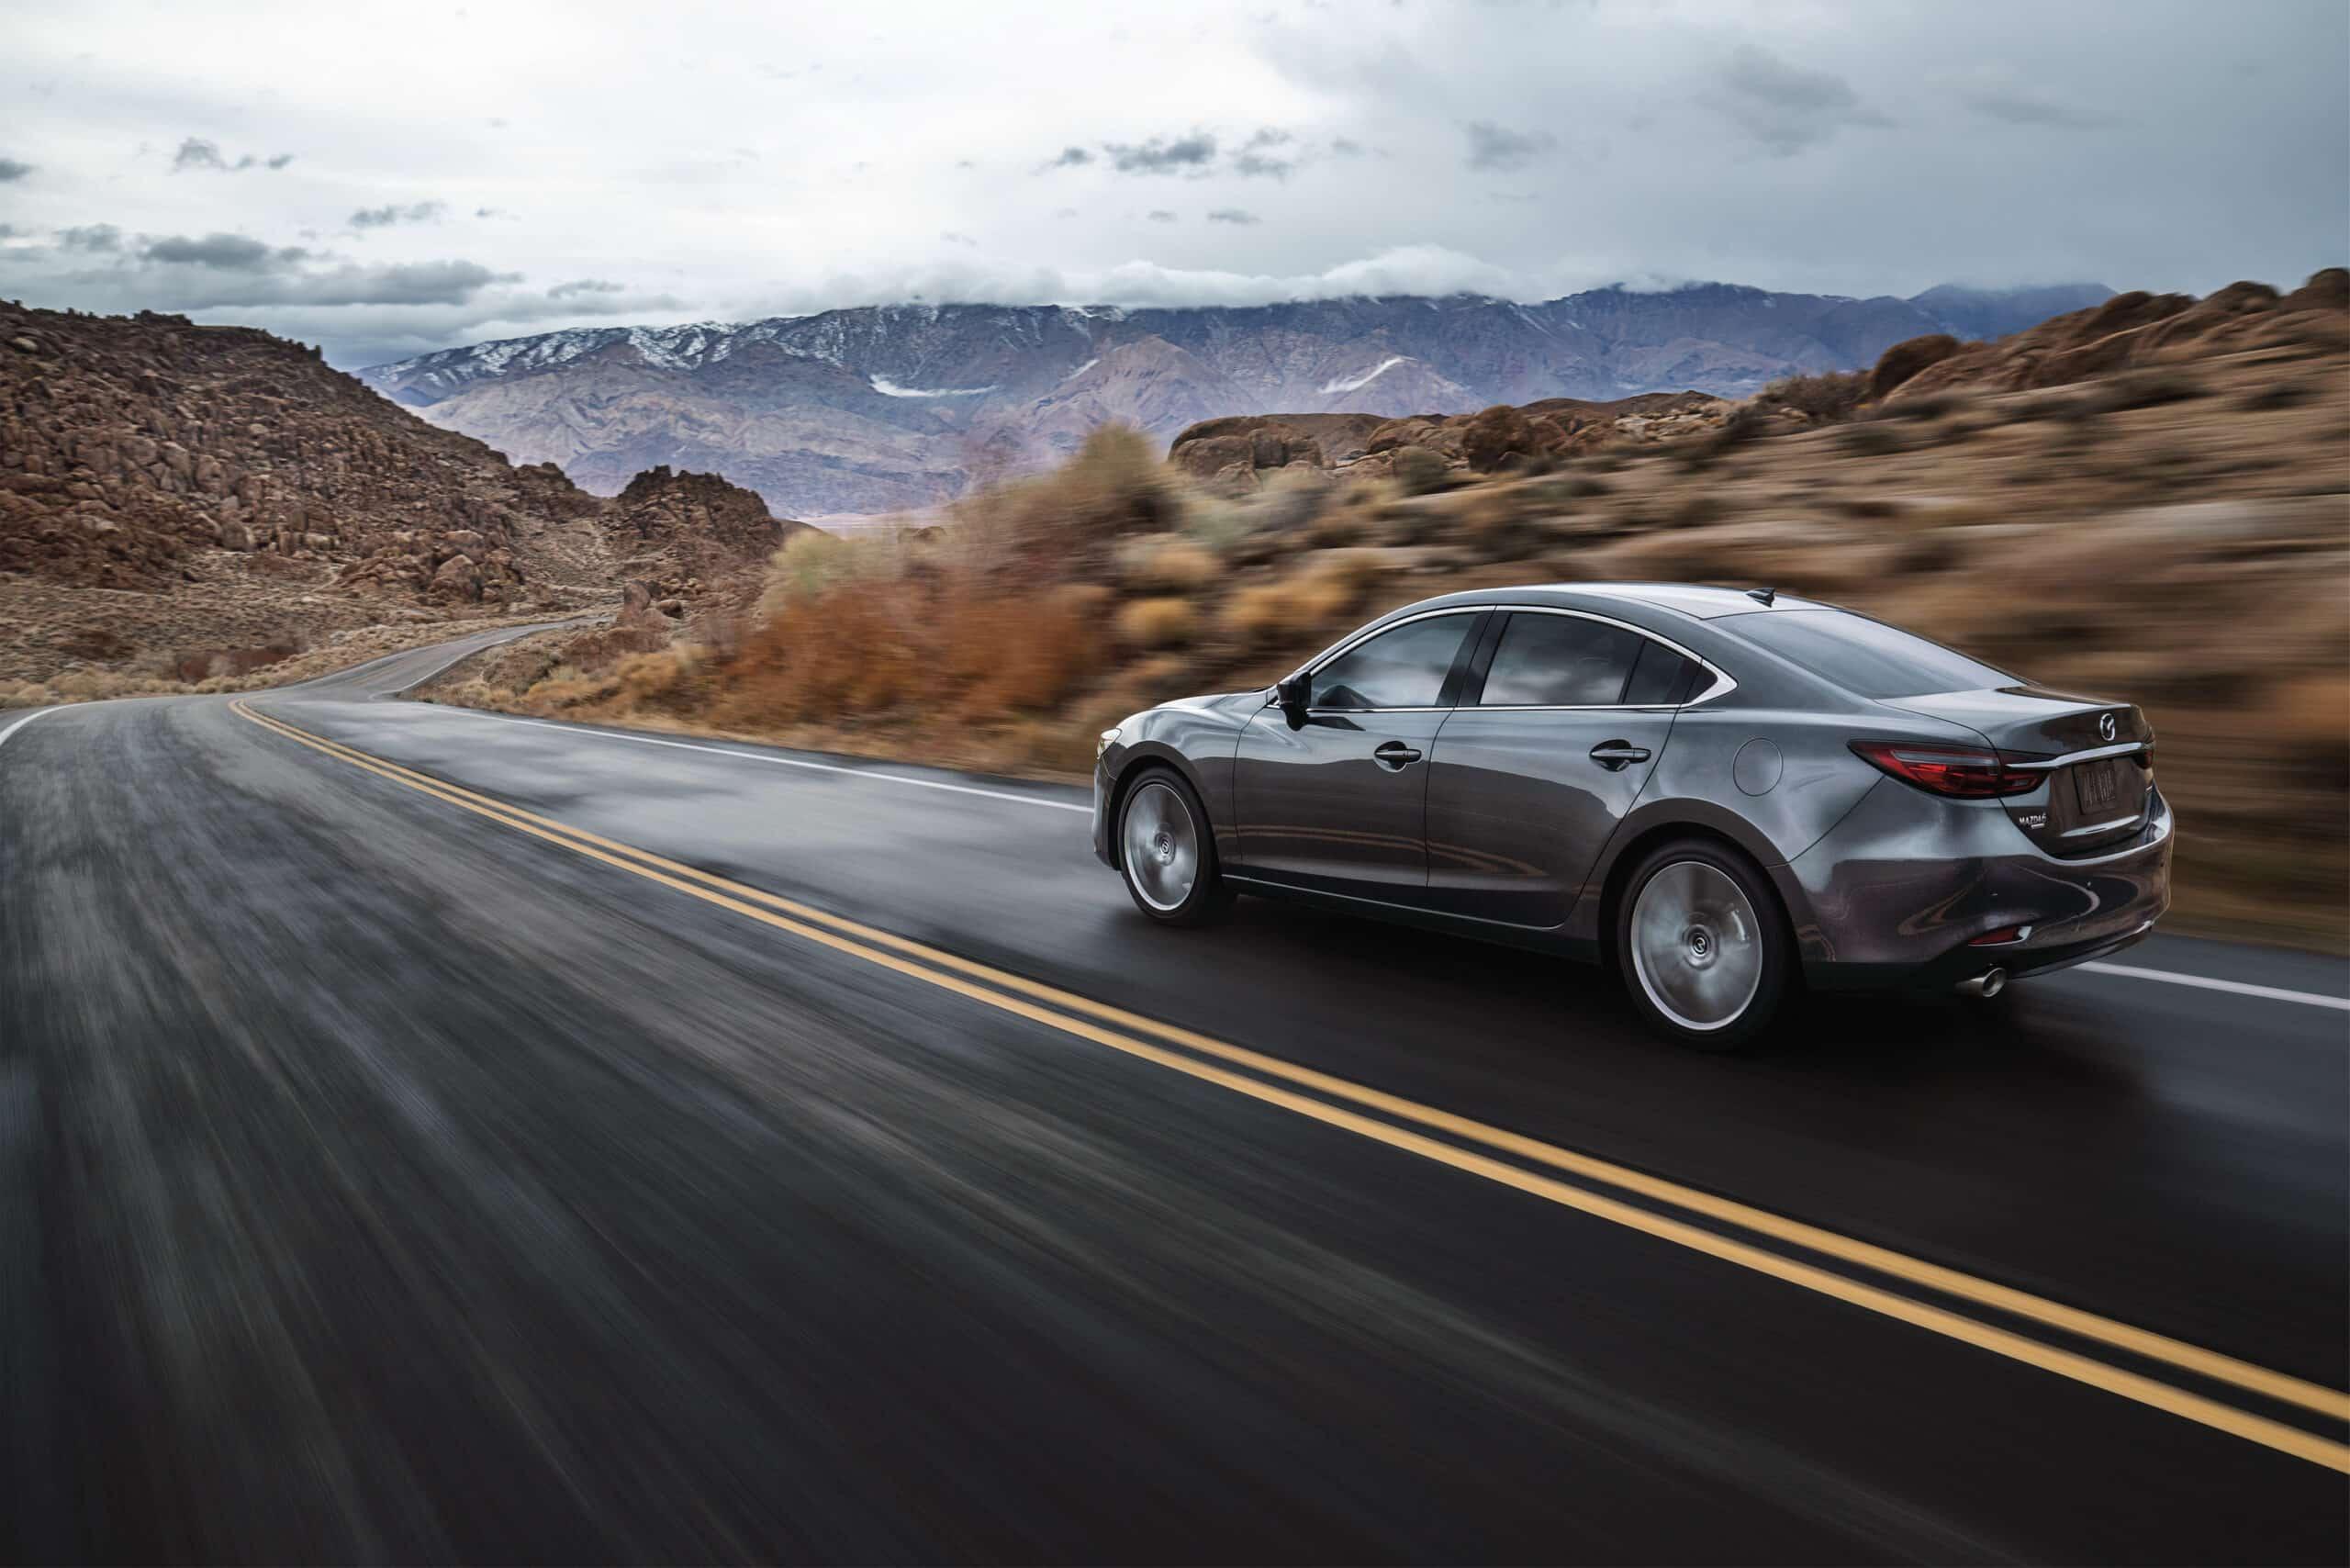 Vue arrière de la Mazda6 2020 grise sur route pittoresque